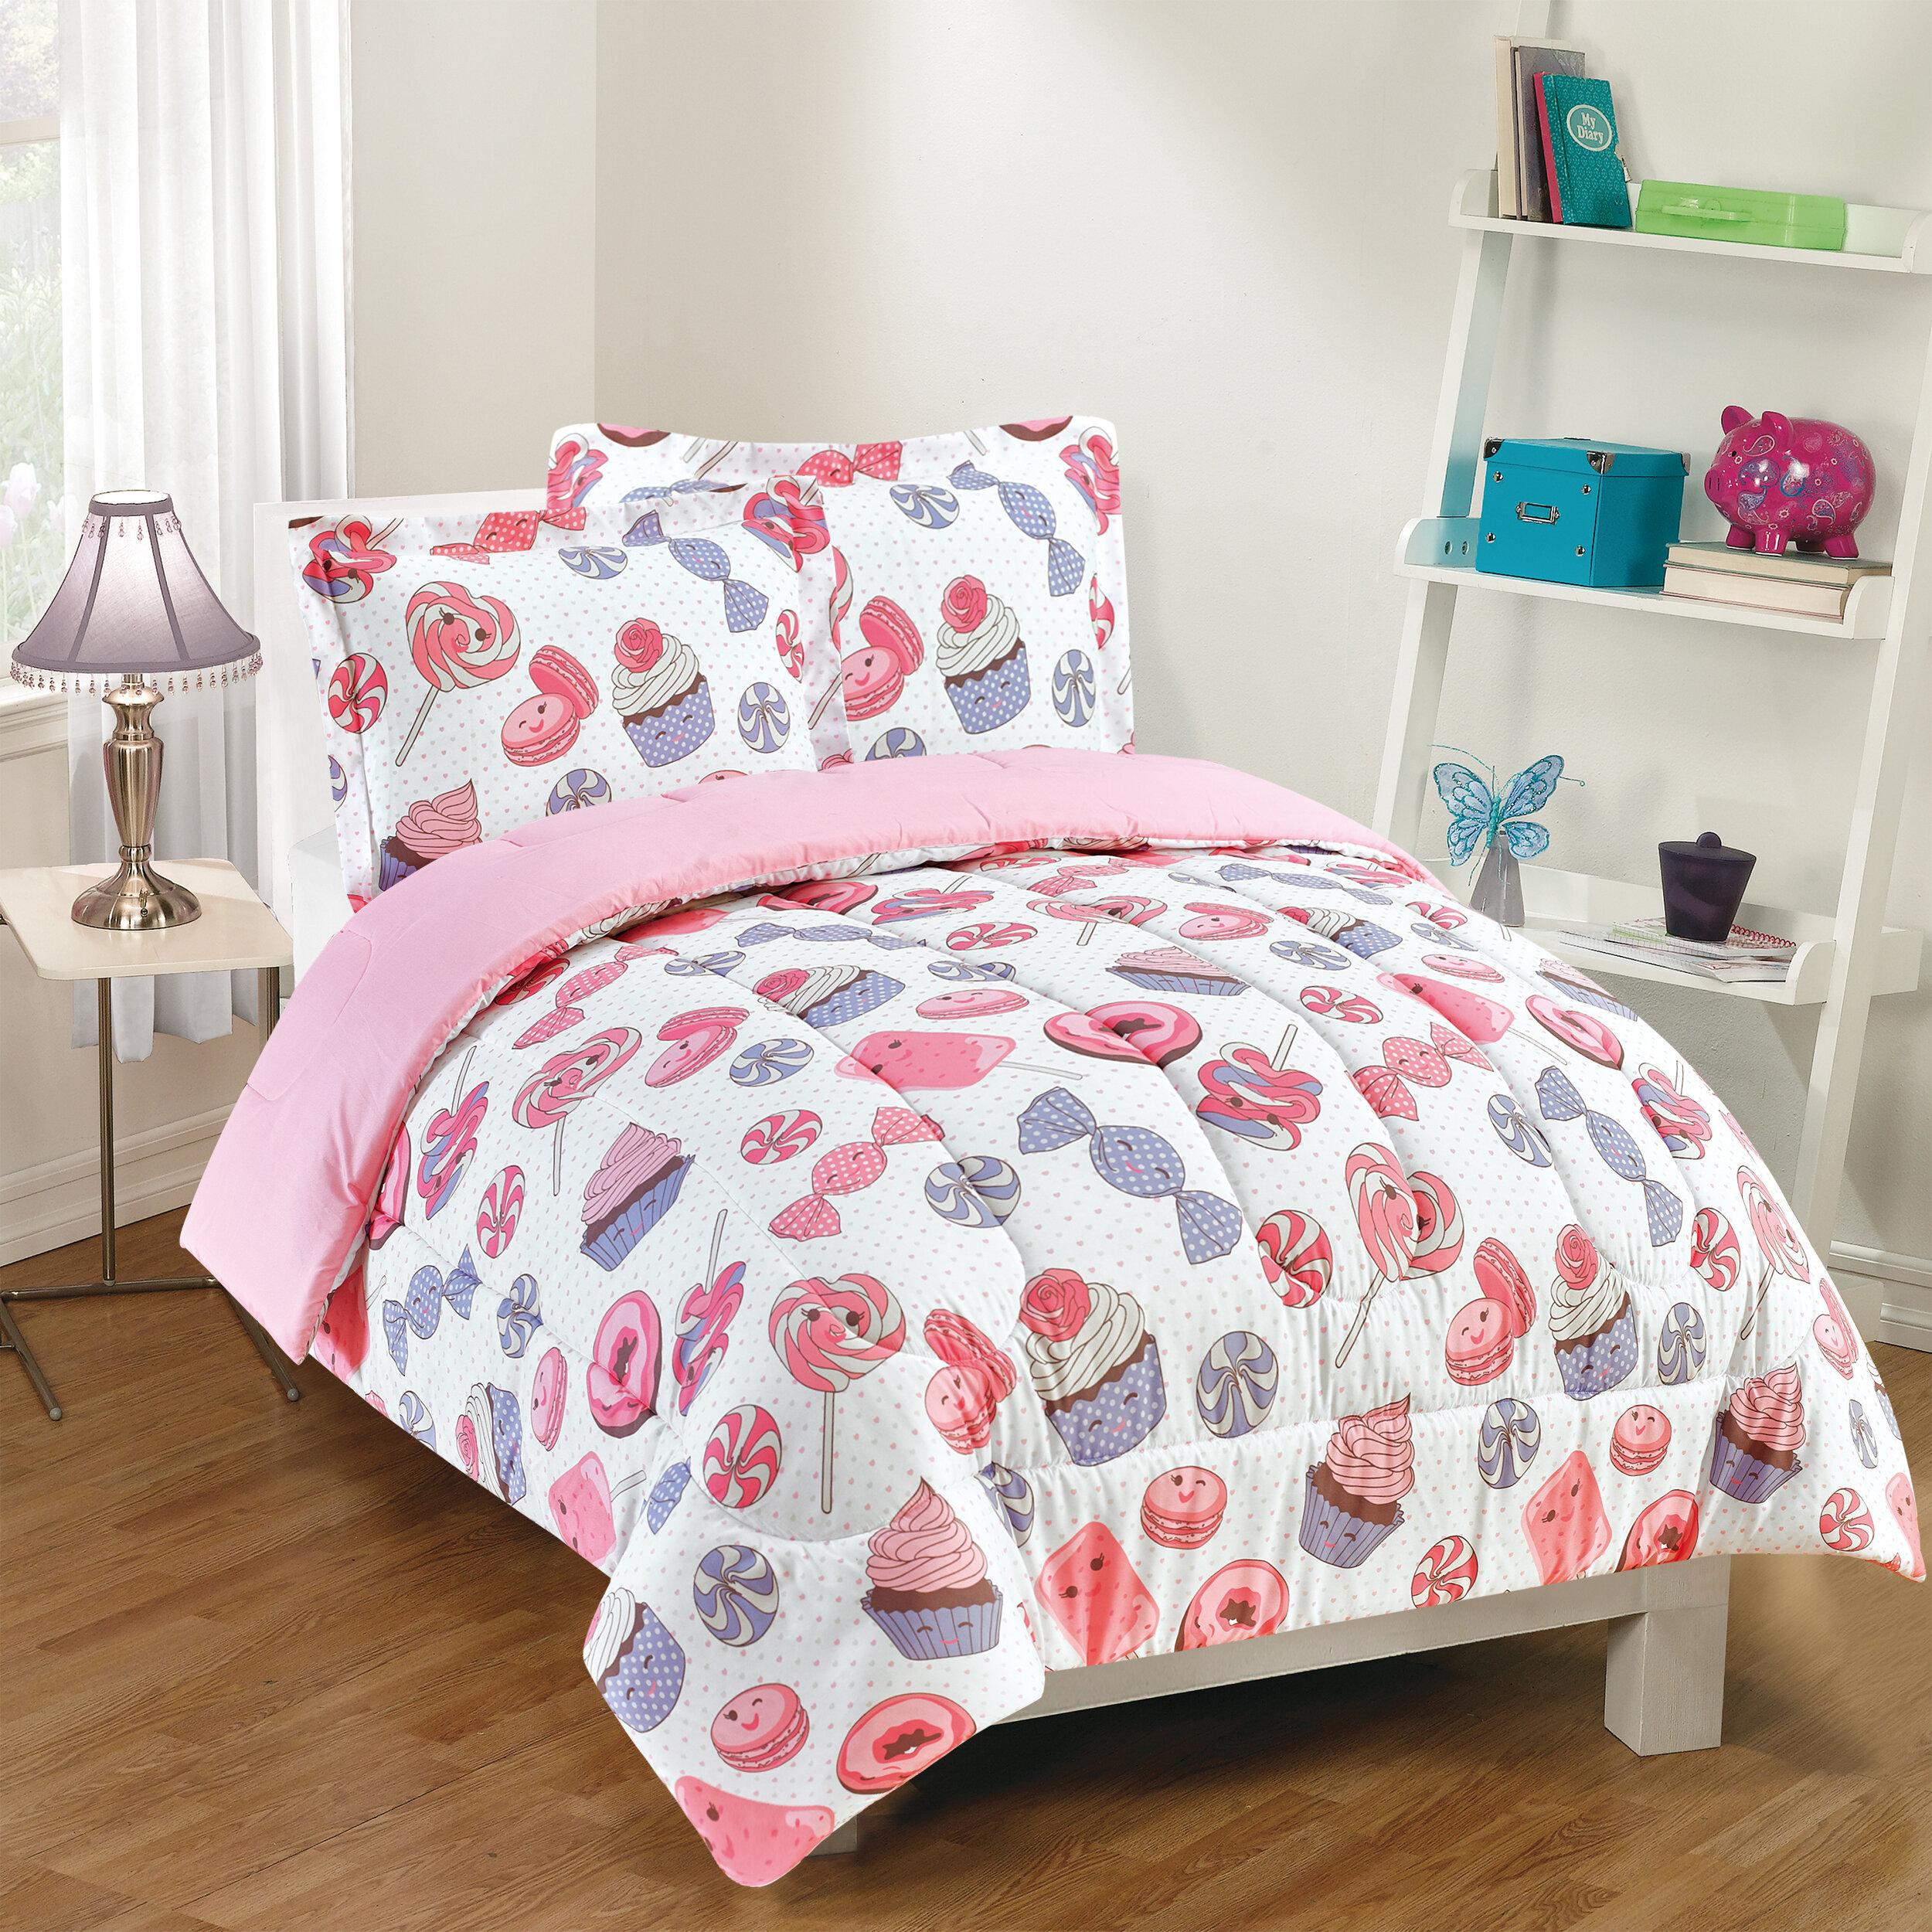 Zoomie Kids Albus Sweet Treats Reversible Comforter Set Reviews Wayfair